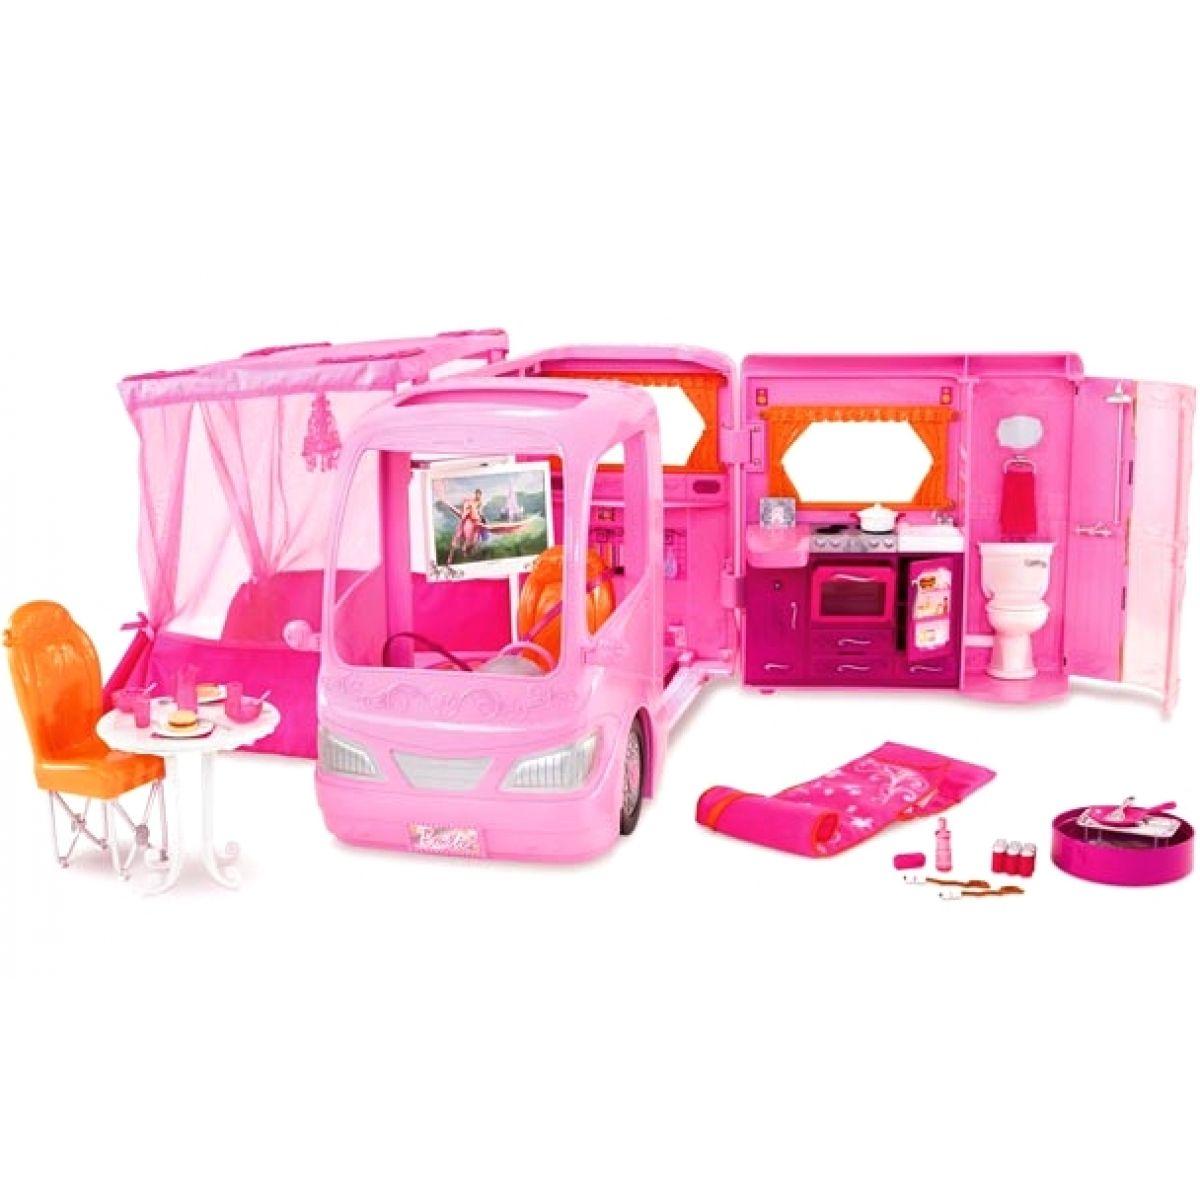 Barbie P3599 - Barbie karavan